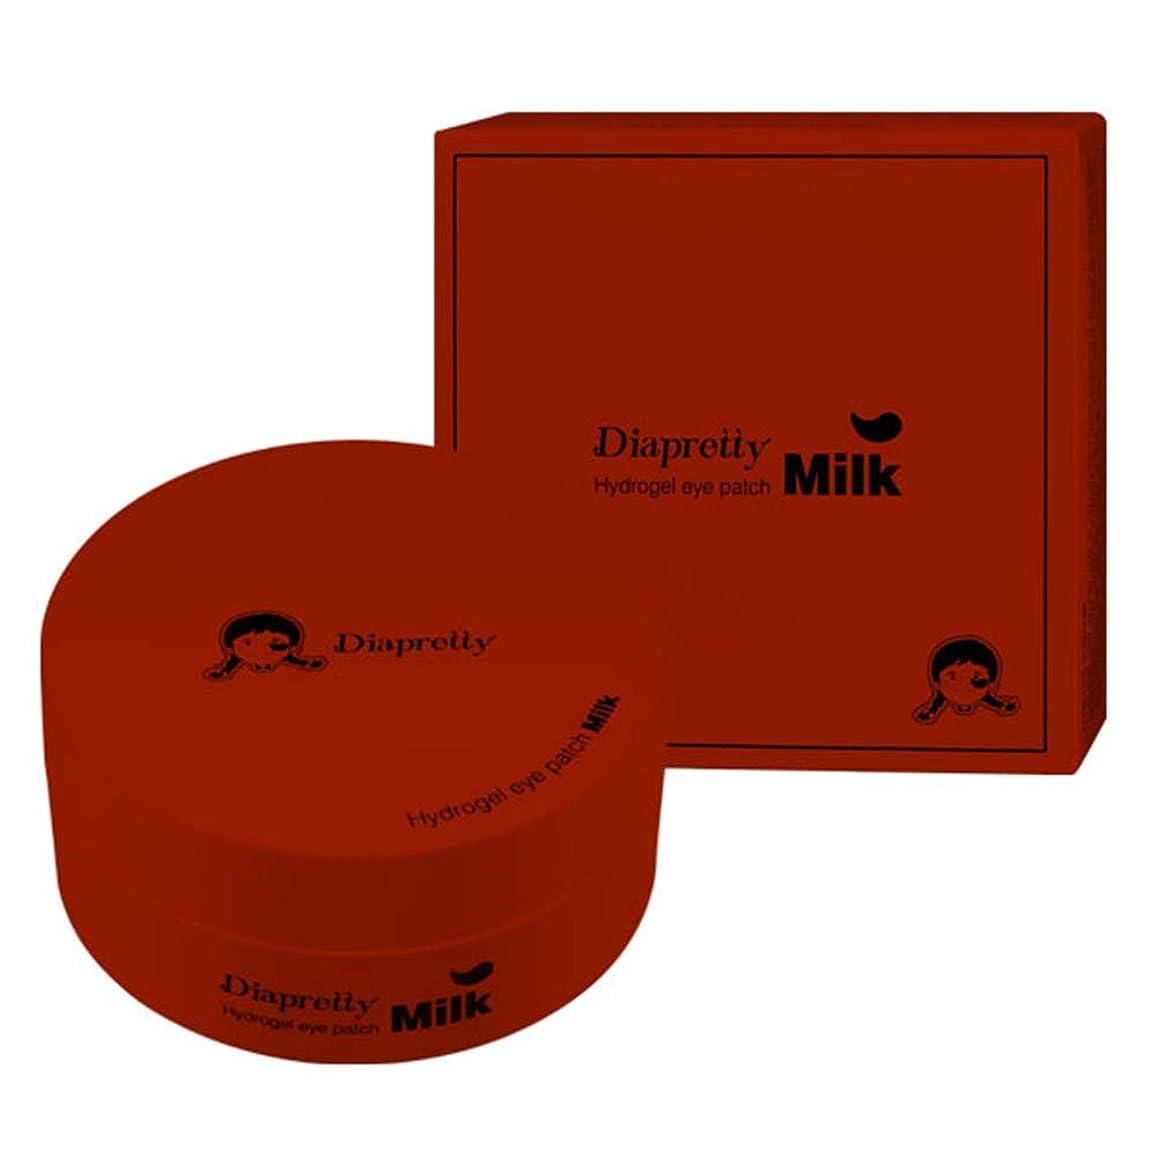 動員する代数フェリー[ダイアプリティ] ハイドロゲルア イパッチ (Red Ginseng) 60枚, [Diapretty] Hydrogel Eyepatch(Red Ginseng) 60pieces